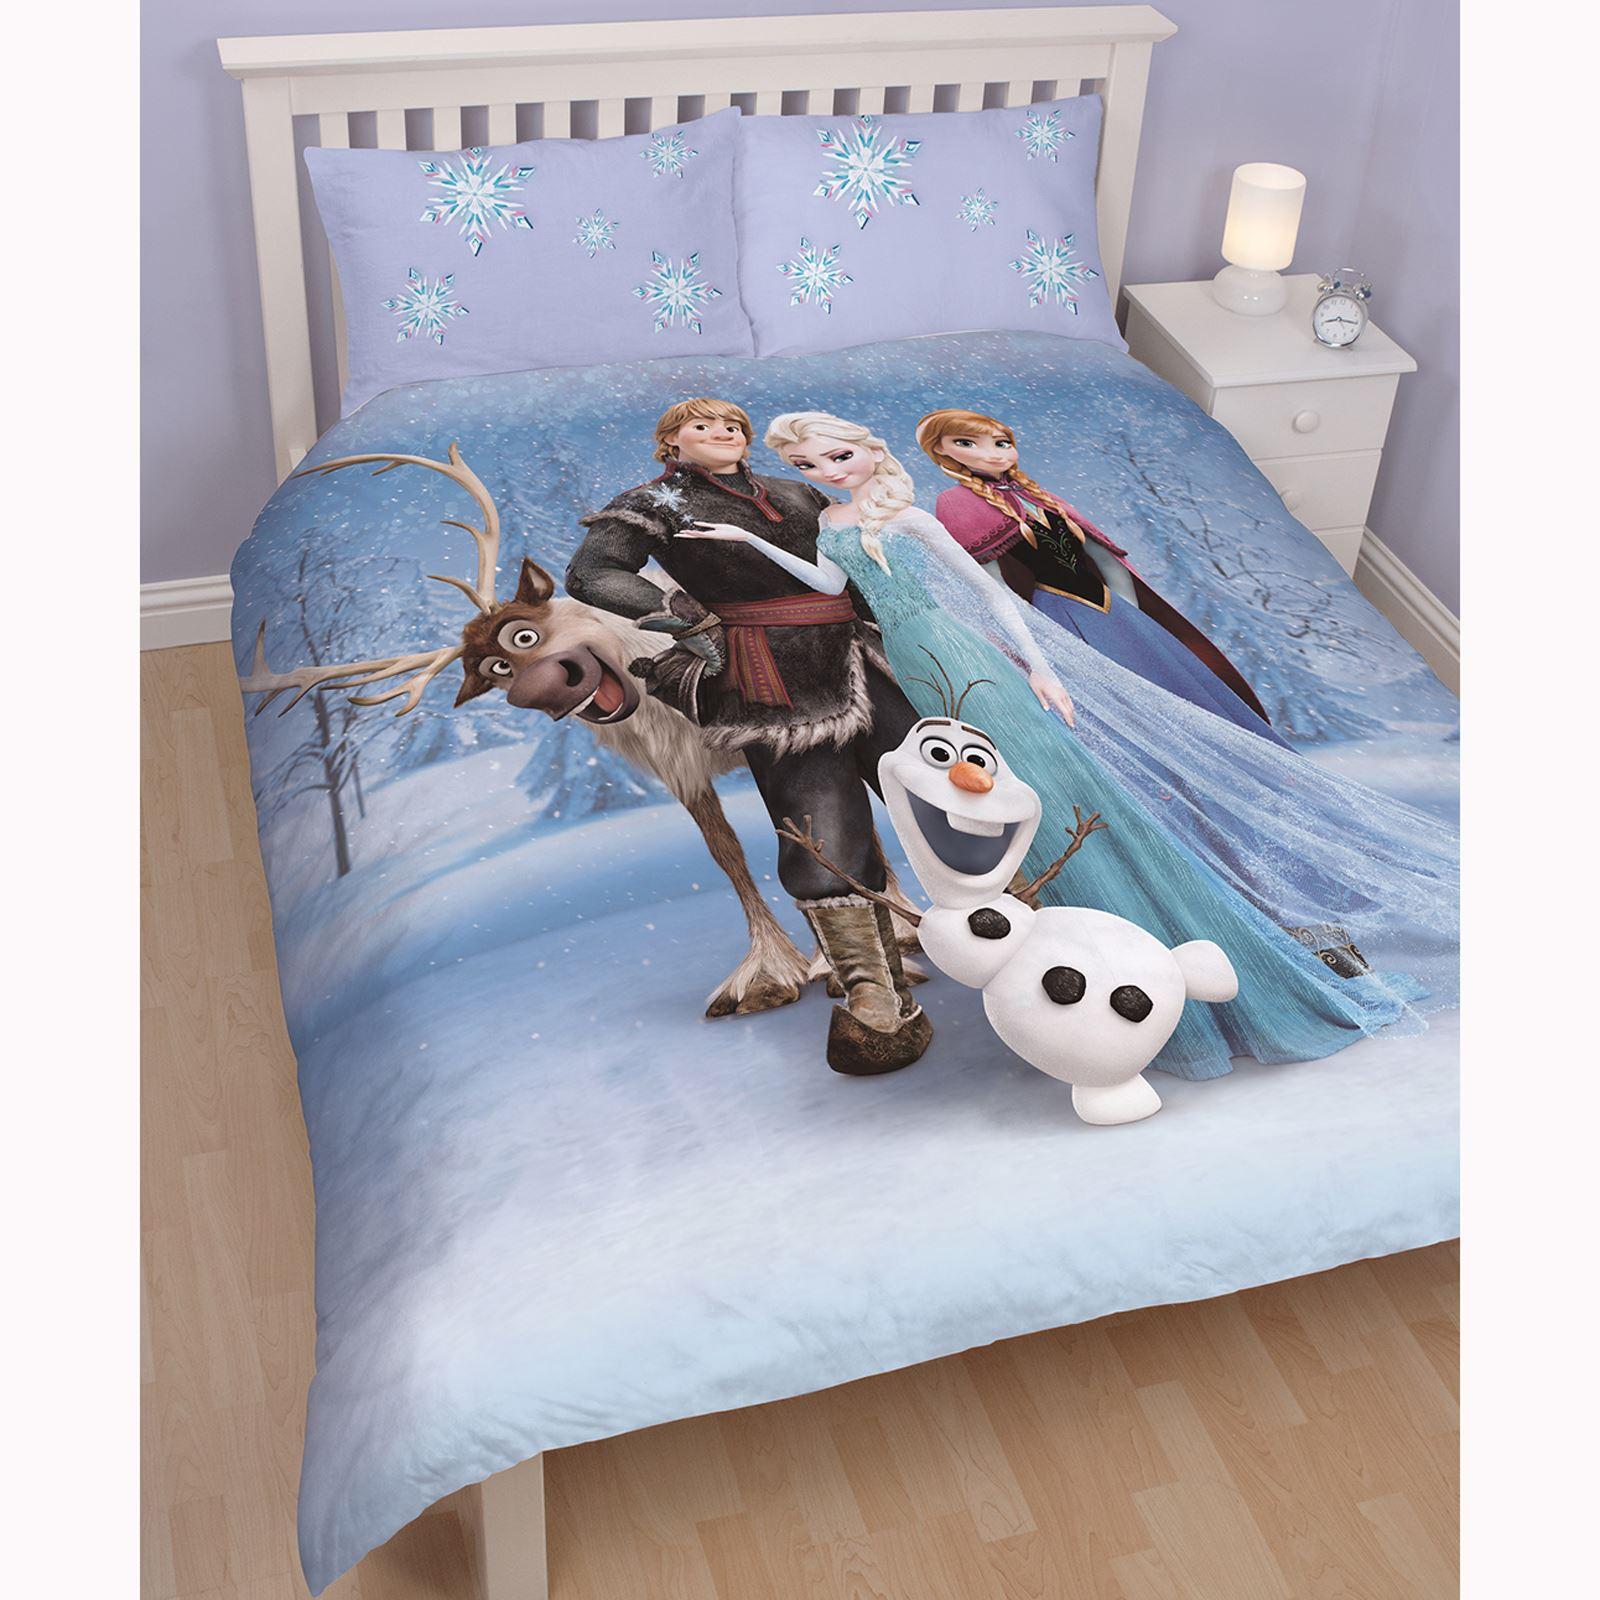 enfants panneau double 2 en 1 housse couette star wars la reine des neiges. Black Bedroom Furniture Sets. Home Design Ideas